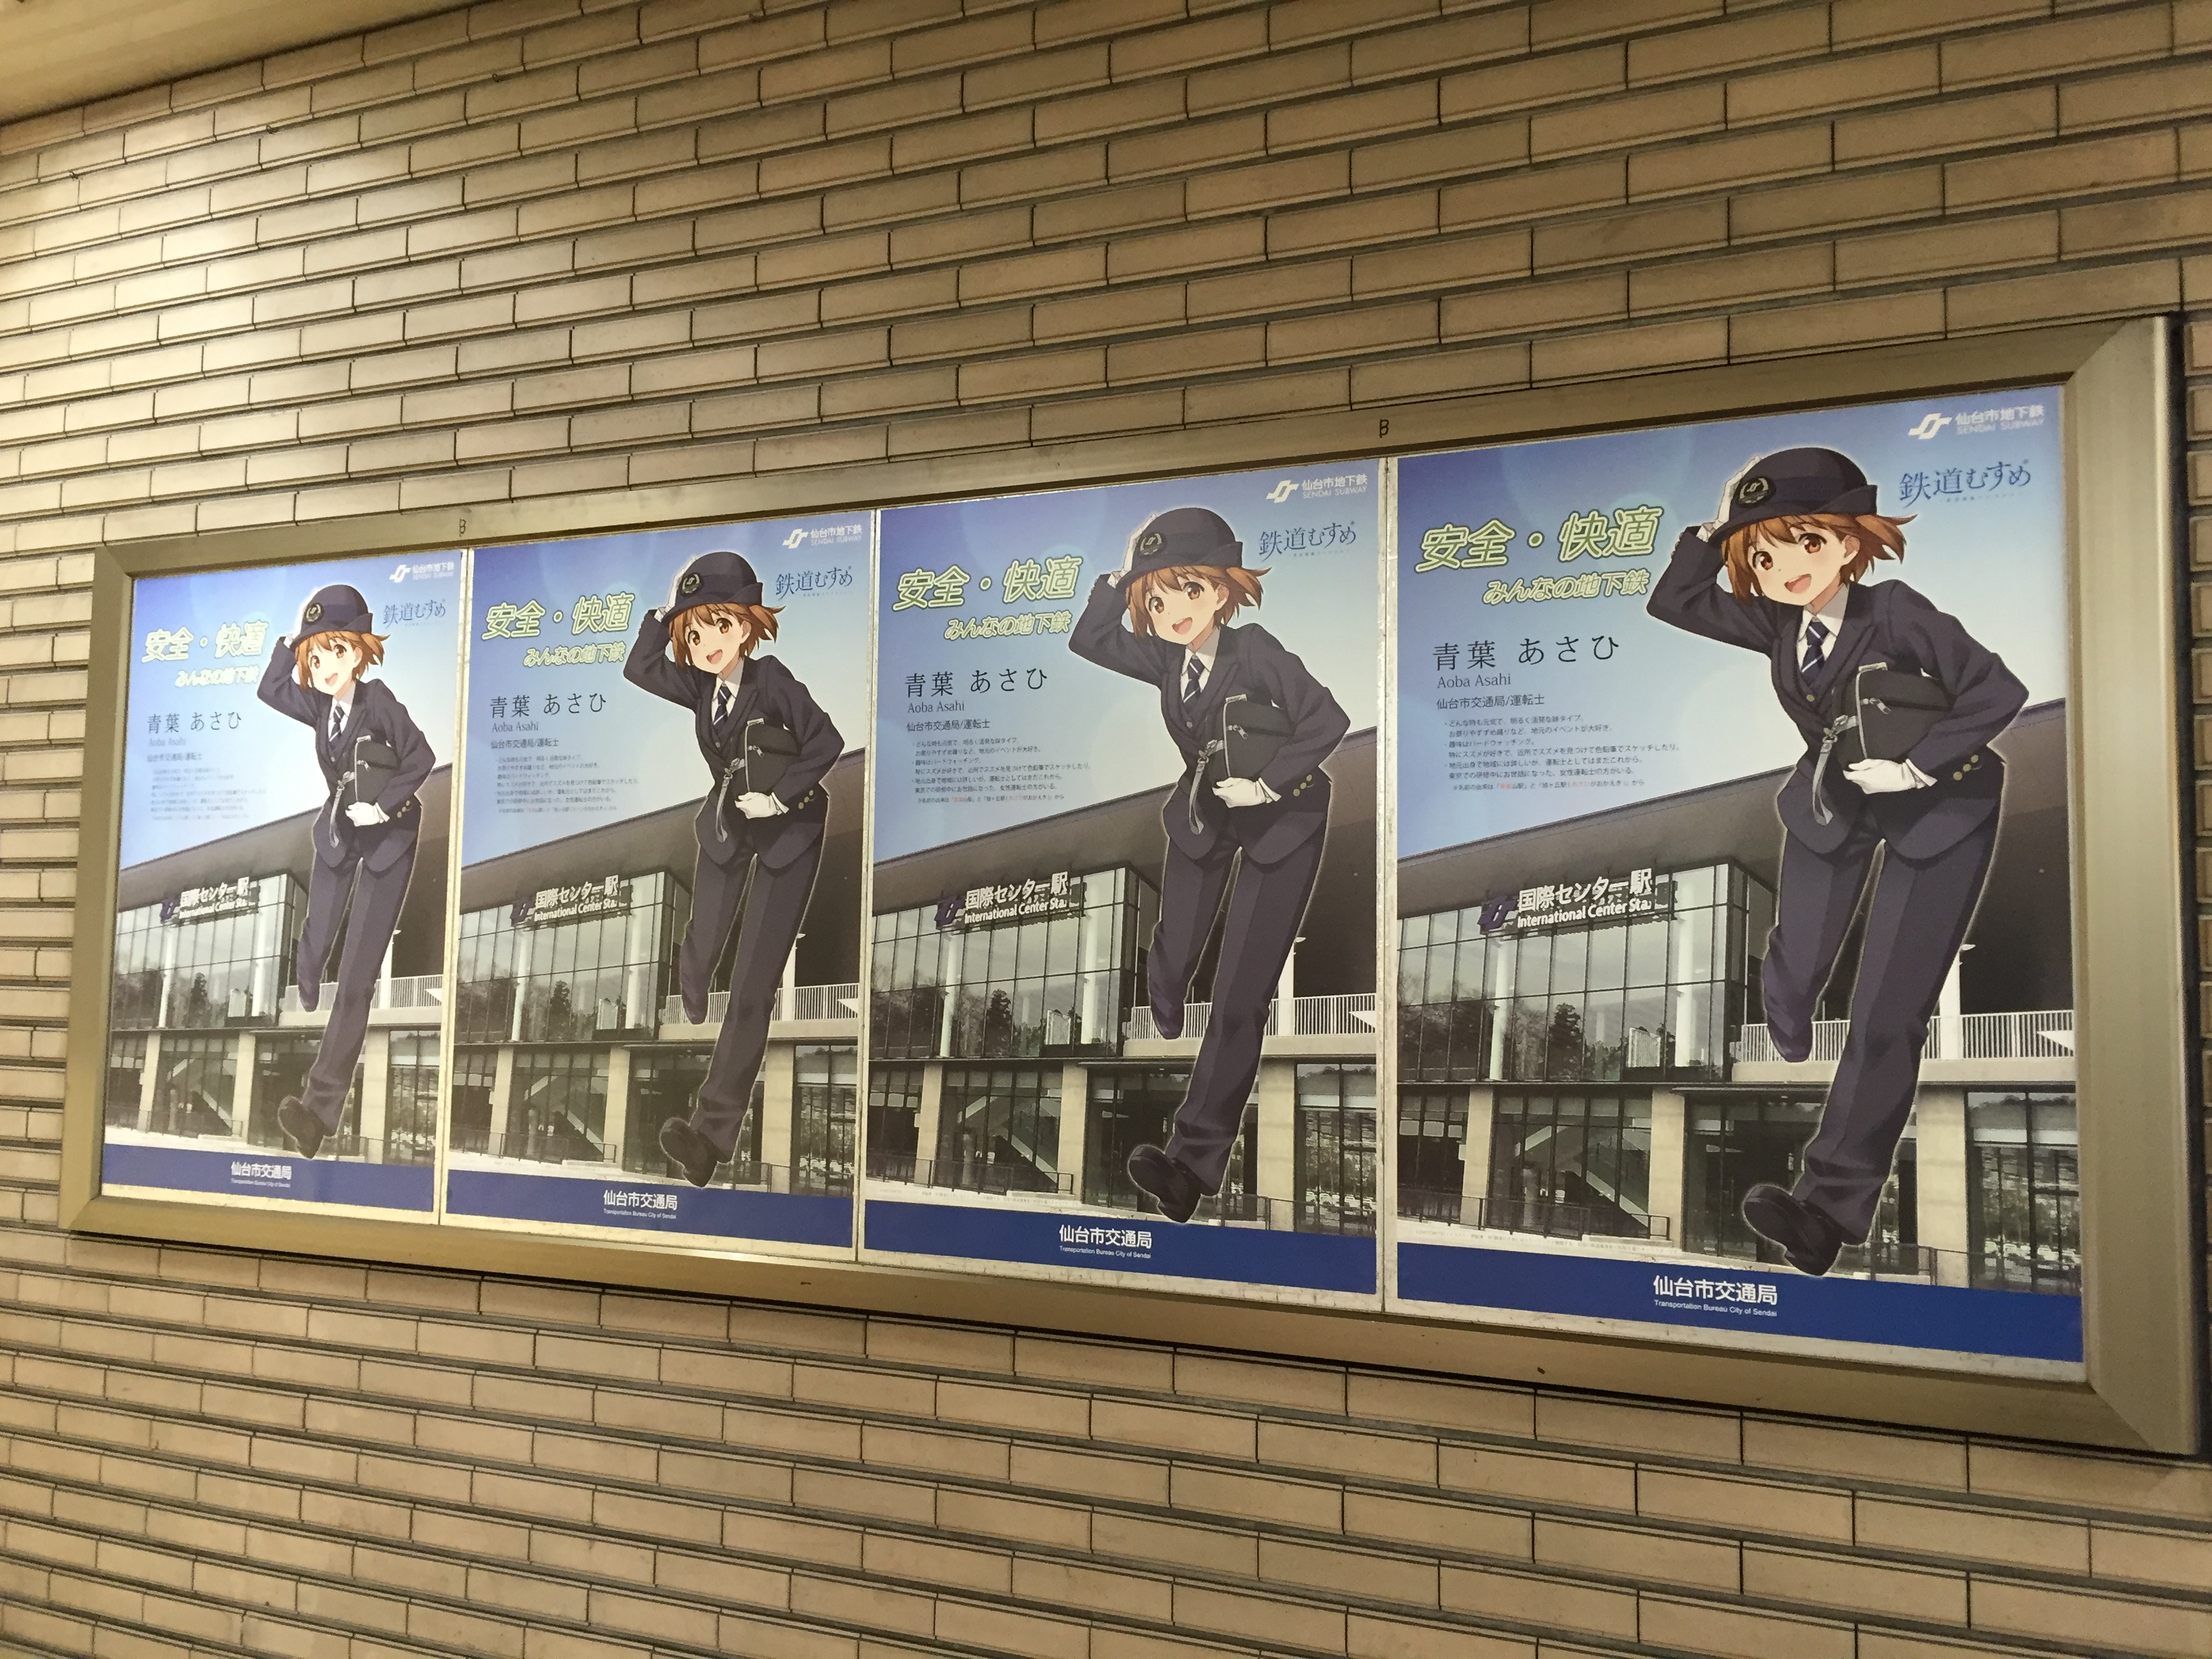 仙台市地下鉄の壁に4枚並ぶ「仙台市地下鉄 鉄道むすめ 青葉あさひ 仙台市交通局/運転士」のポスター